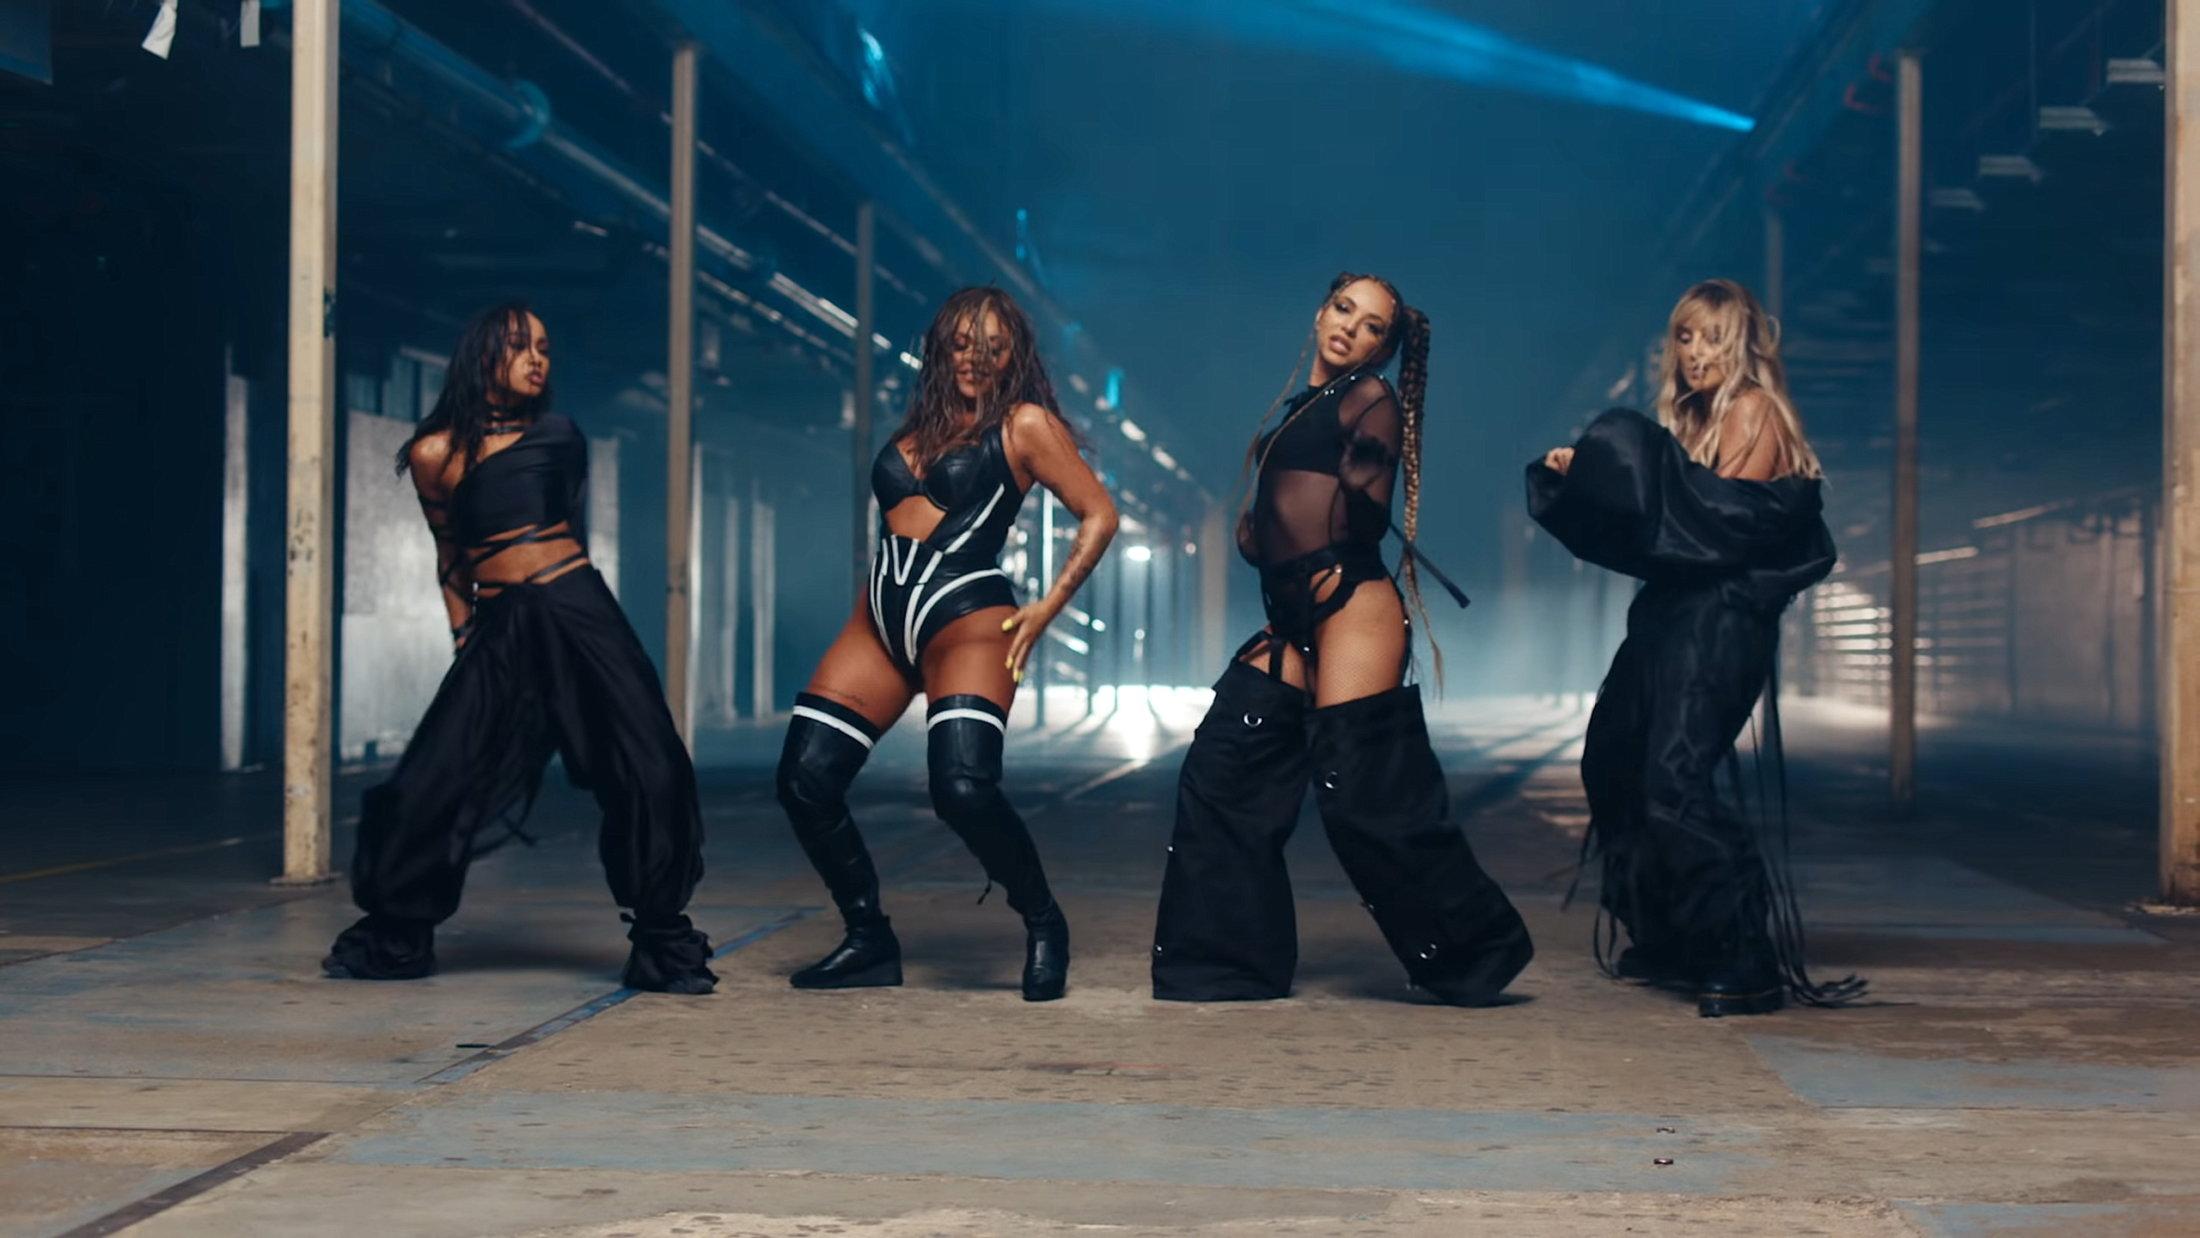 Little Mix - Sweet Melody (Official Video) 1-21 Screenshot